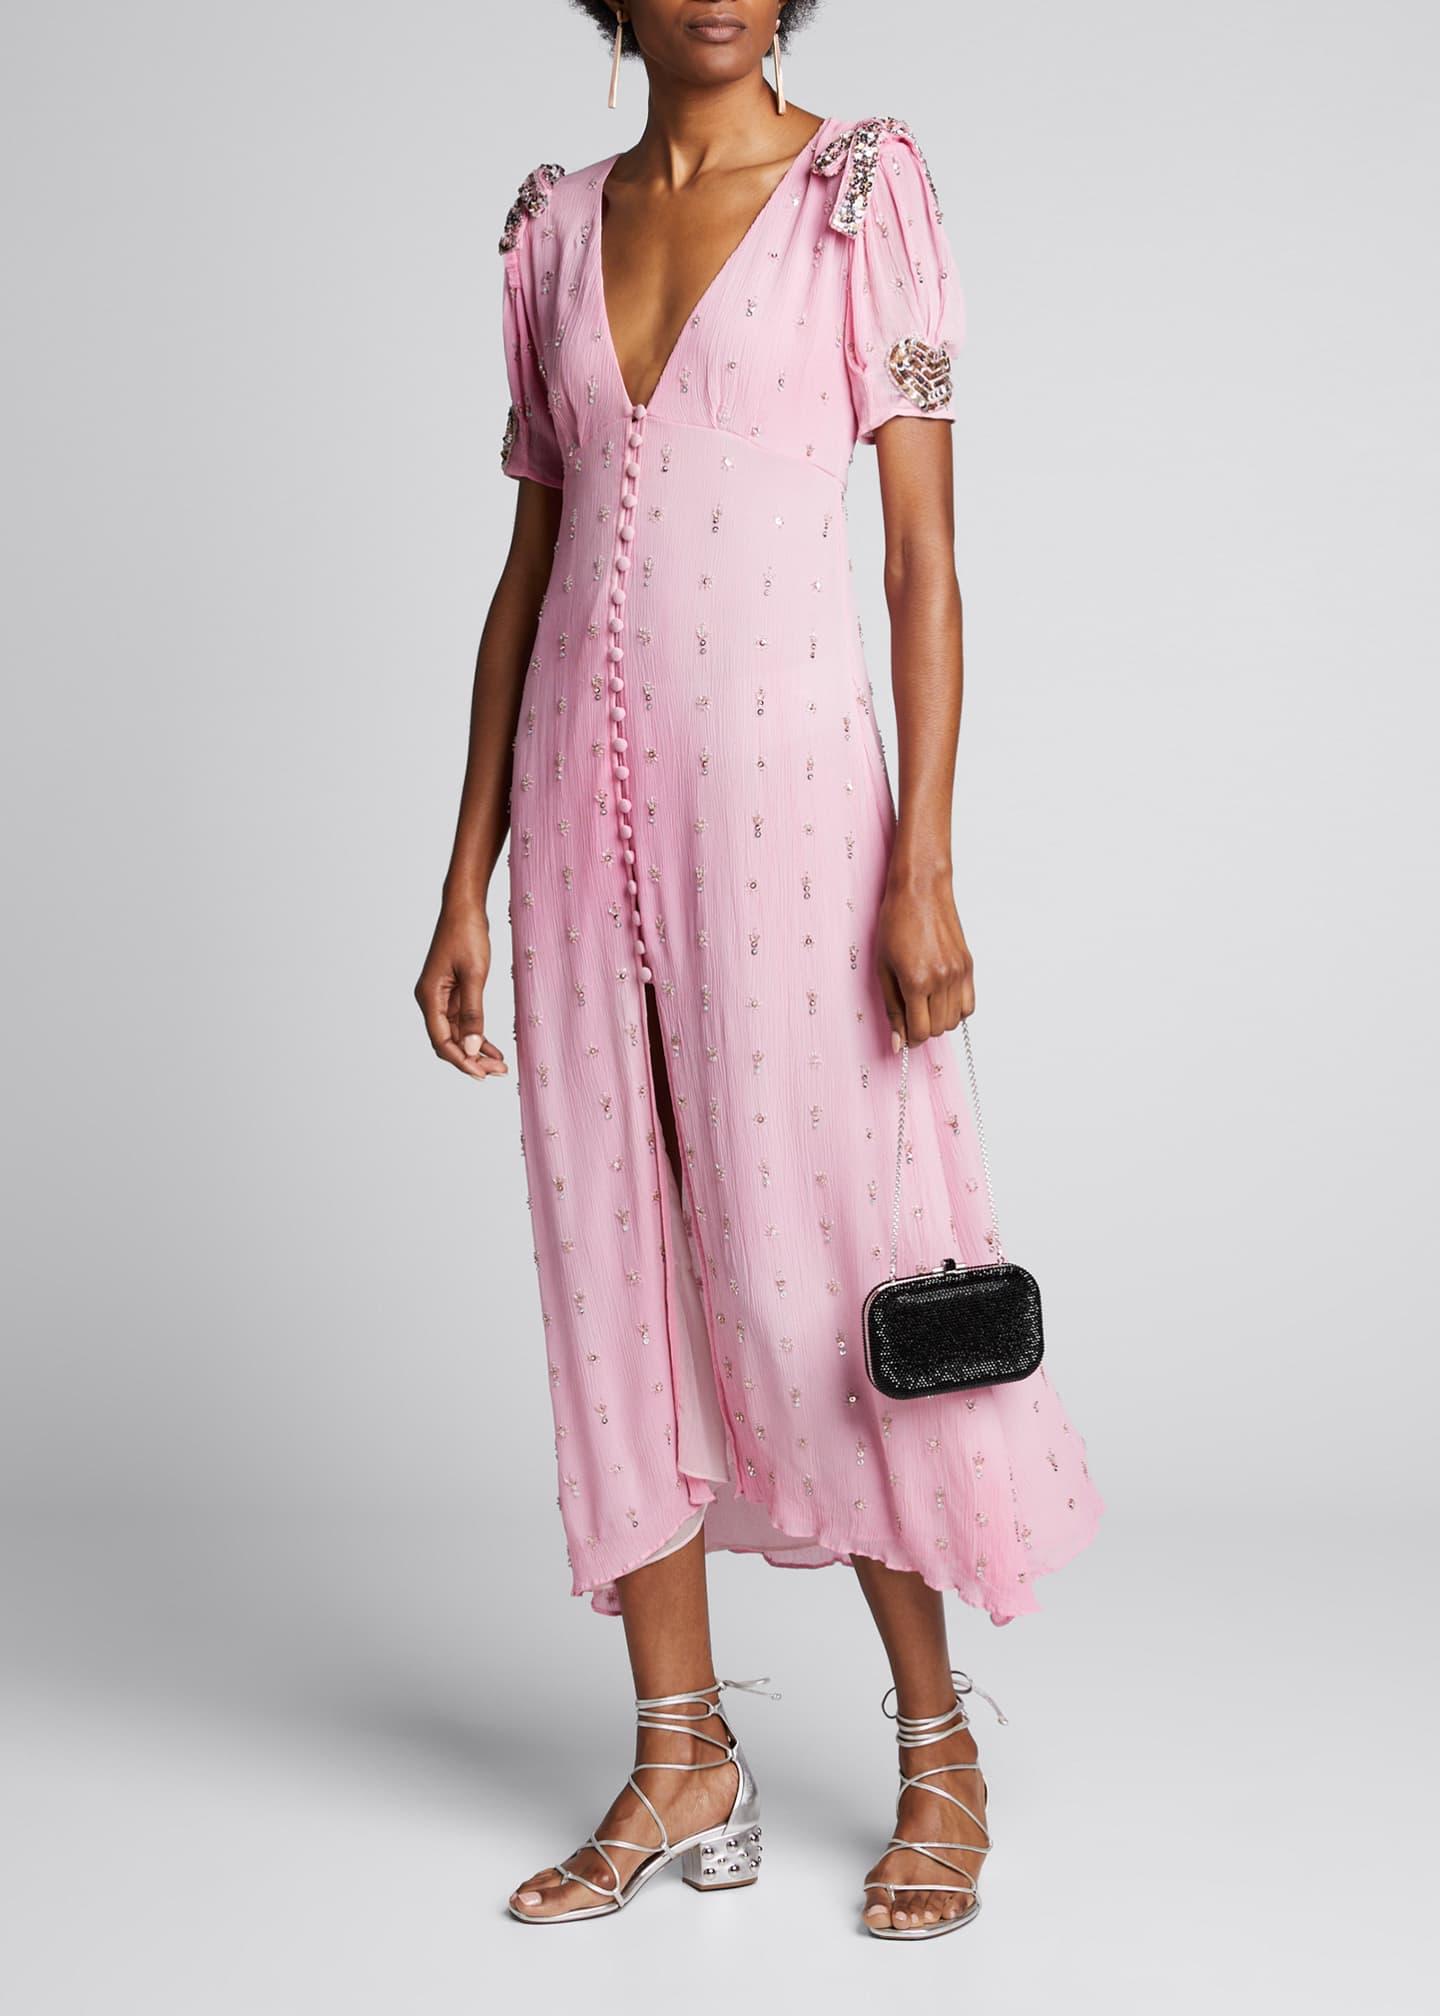 LoveShackFancy Delaney Embellished Button-Front Long Dress